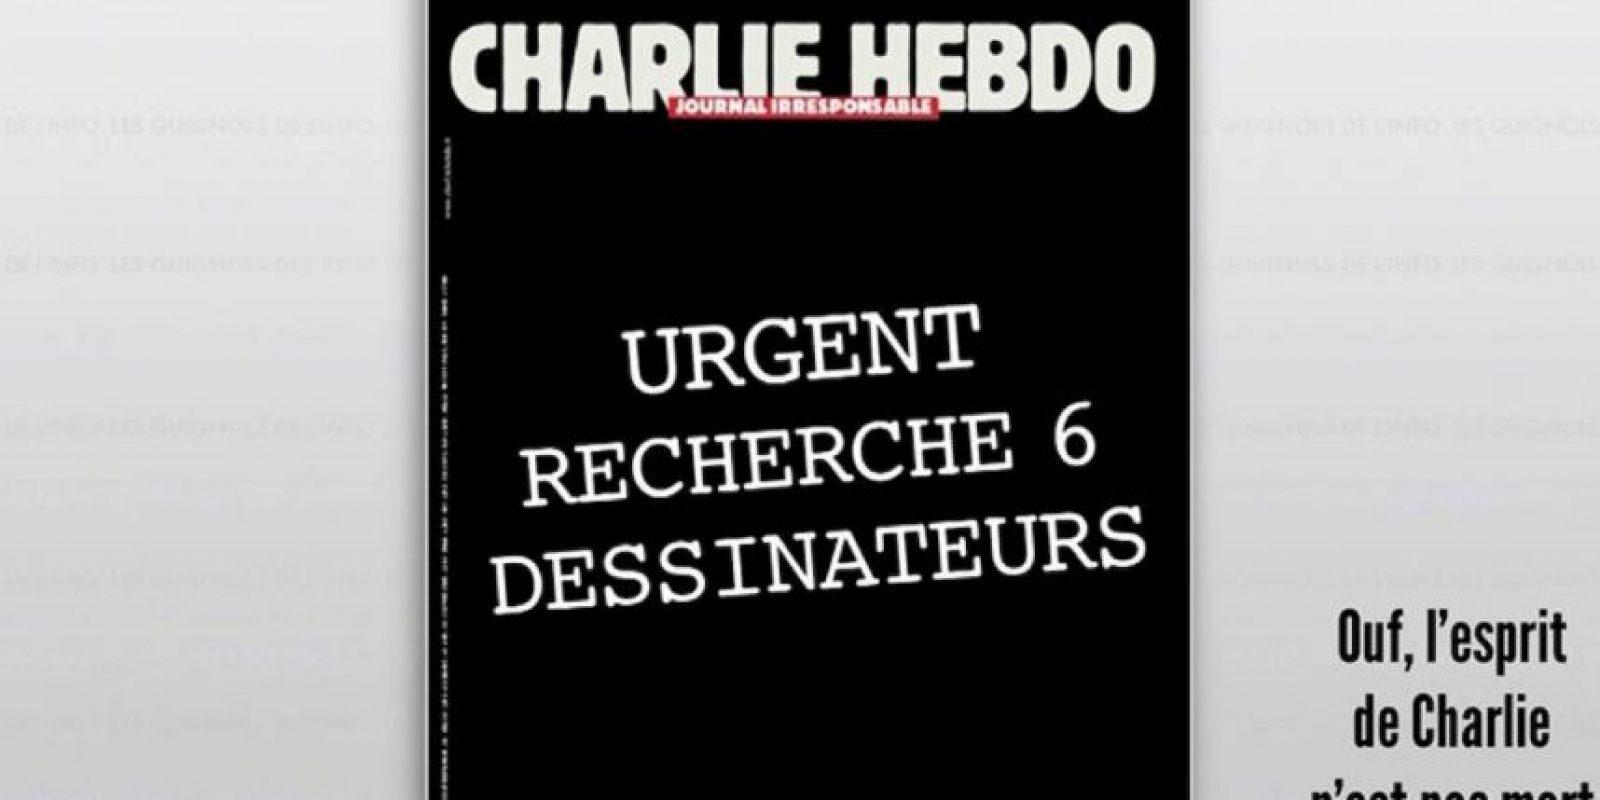 """En Twitter ha circulado una posible portada del semanario atacado en París. Esta sería su próxima edición. Con el humor negro que les caracteriza, titularían """"Charlie Hebdo, un semanario irresponsable. Se buscan 6 caricaturistas"""" Foto:Twitter"""